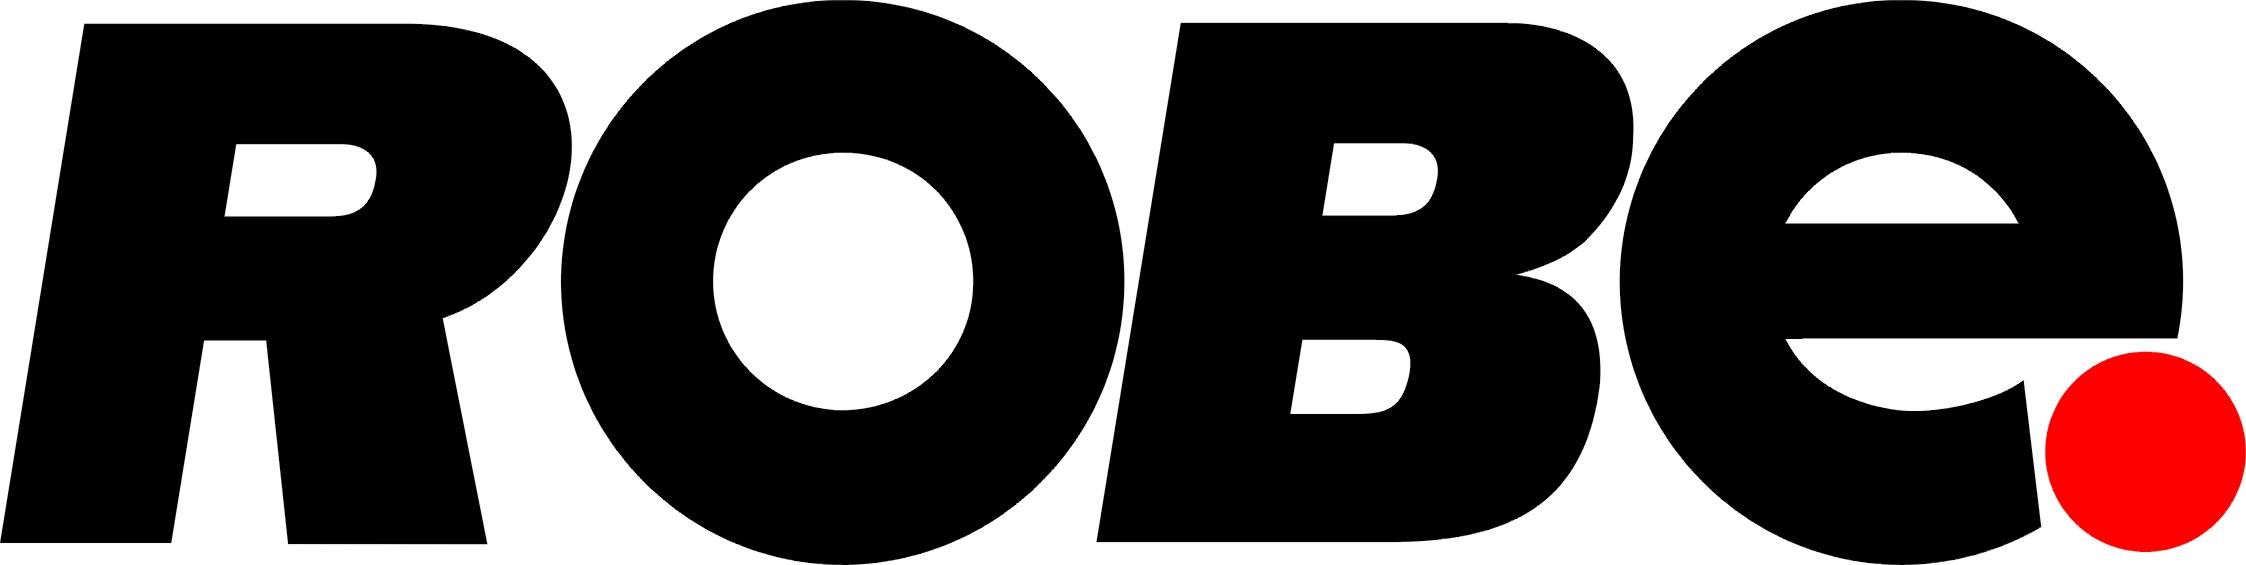 Robe Lighting Logos